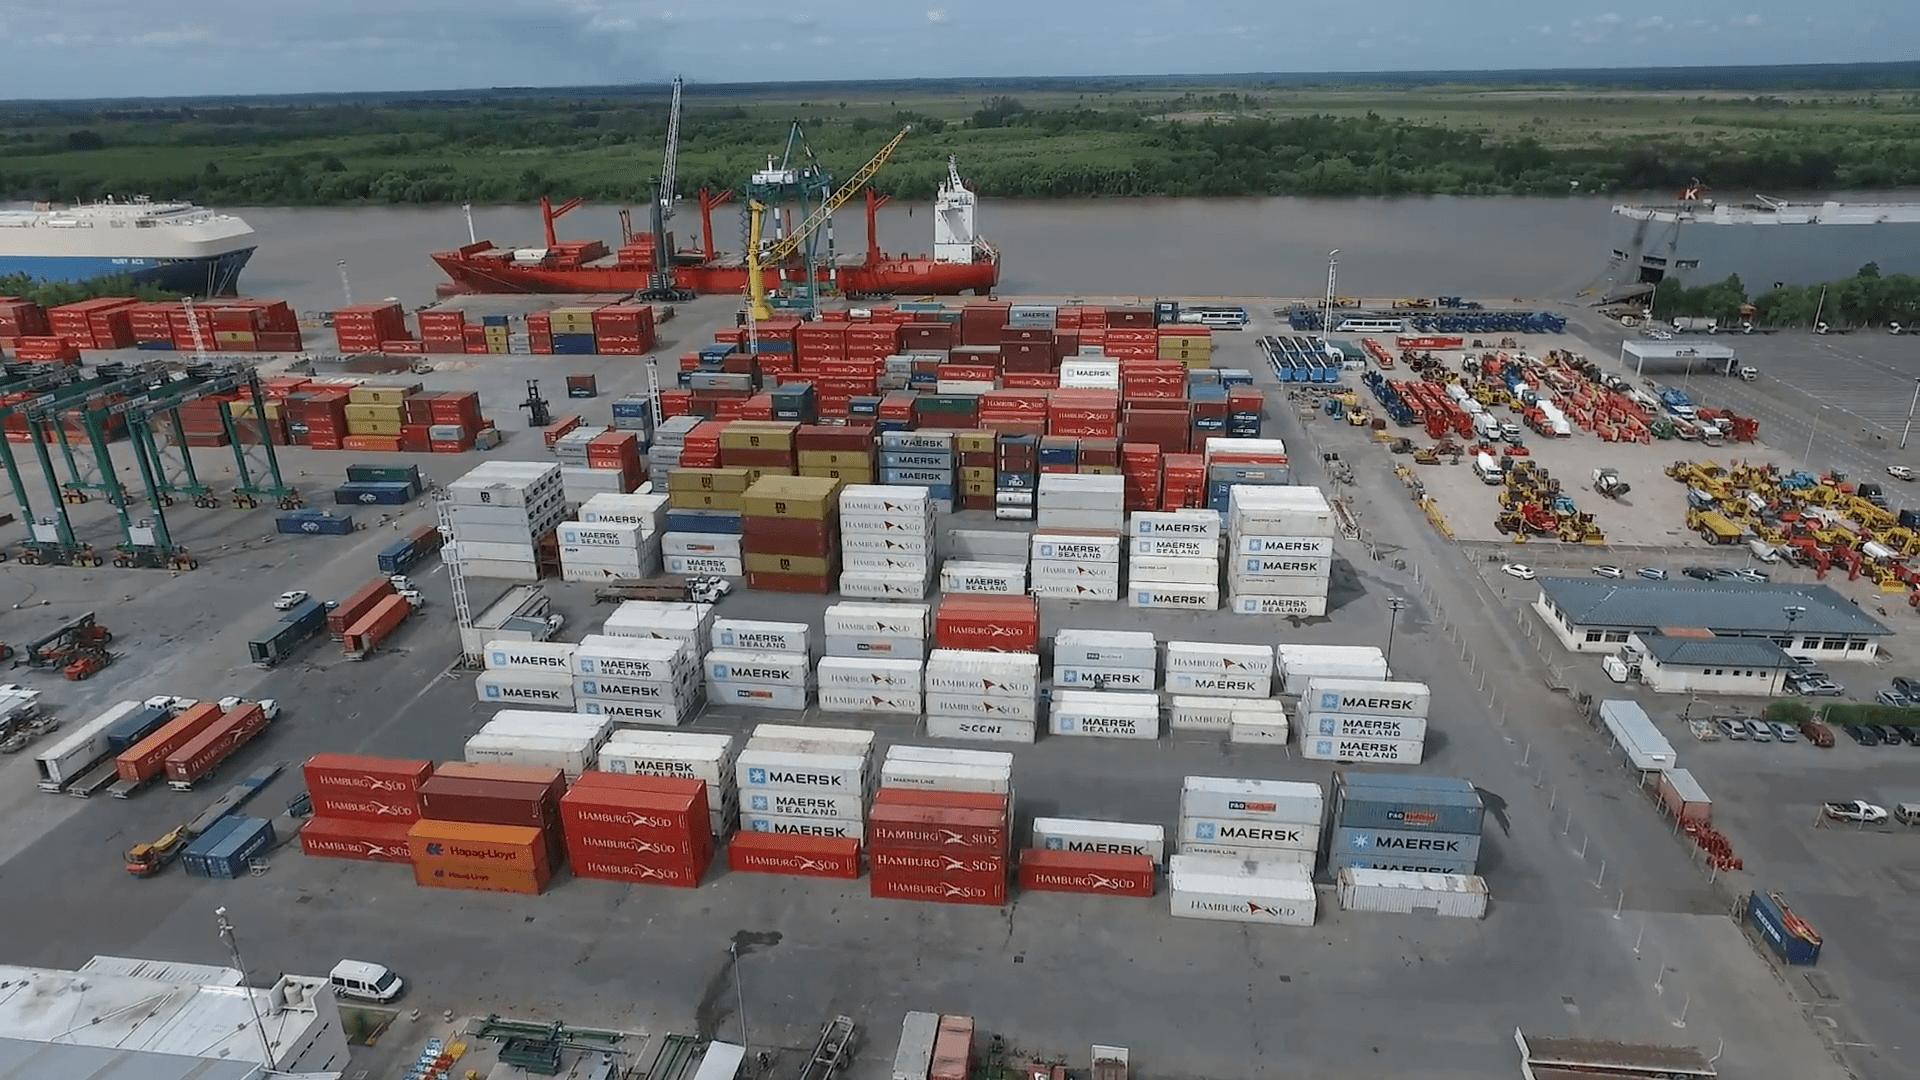 Droni per il controllo e monitoraggio dei porti